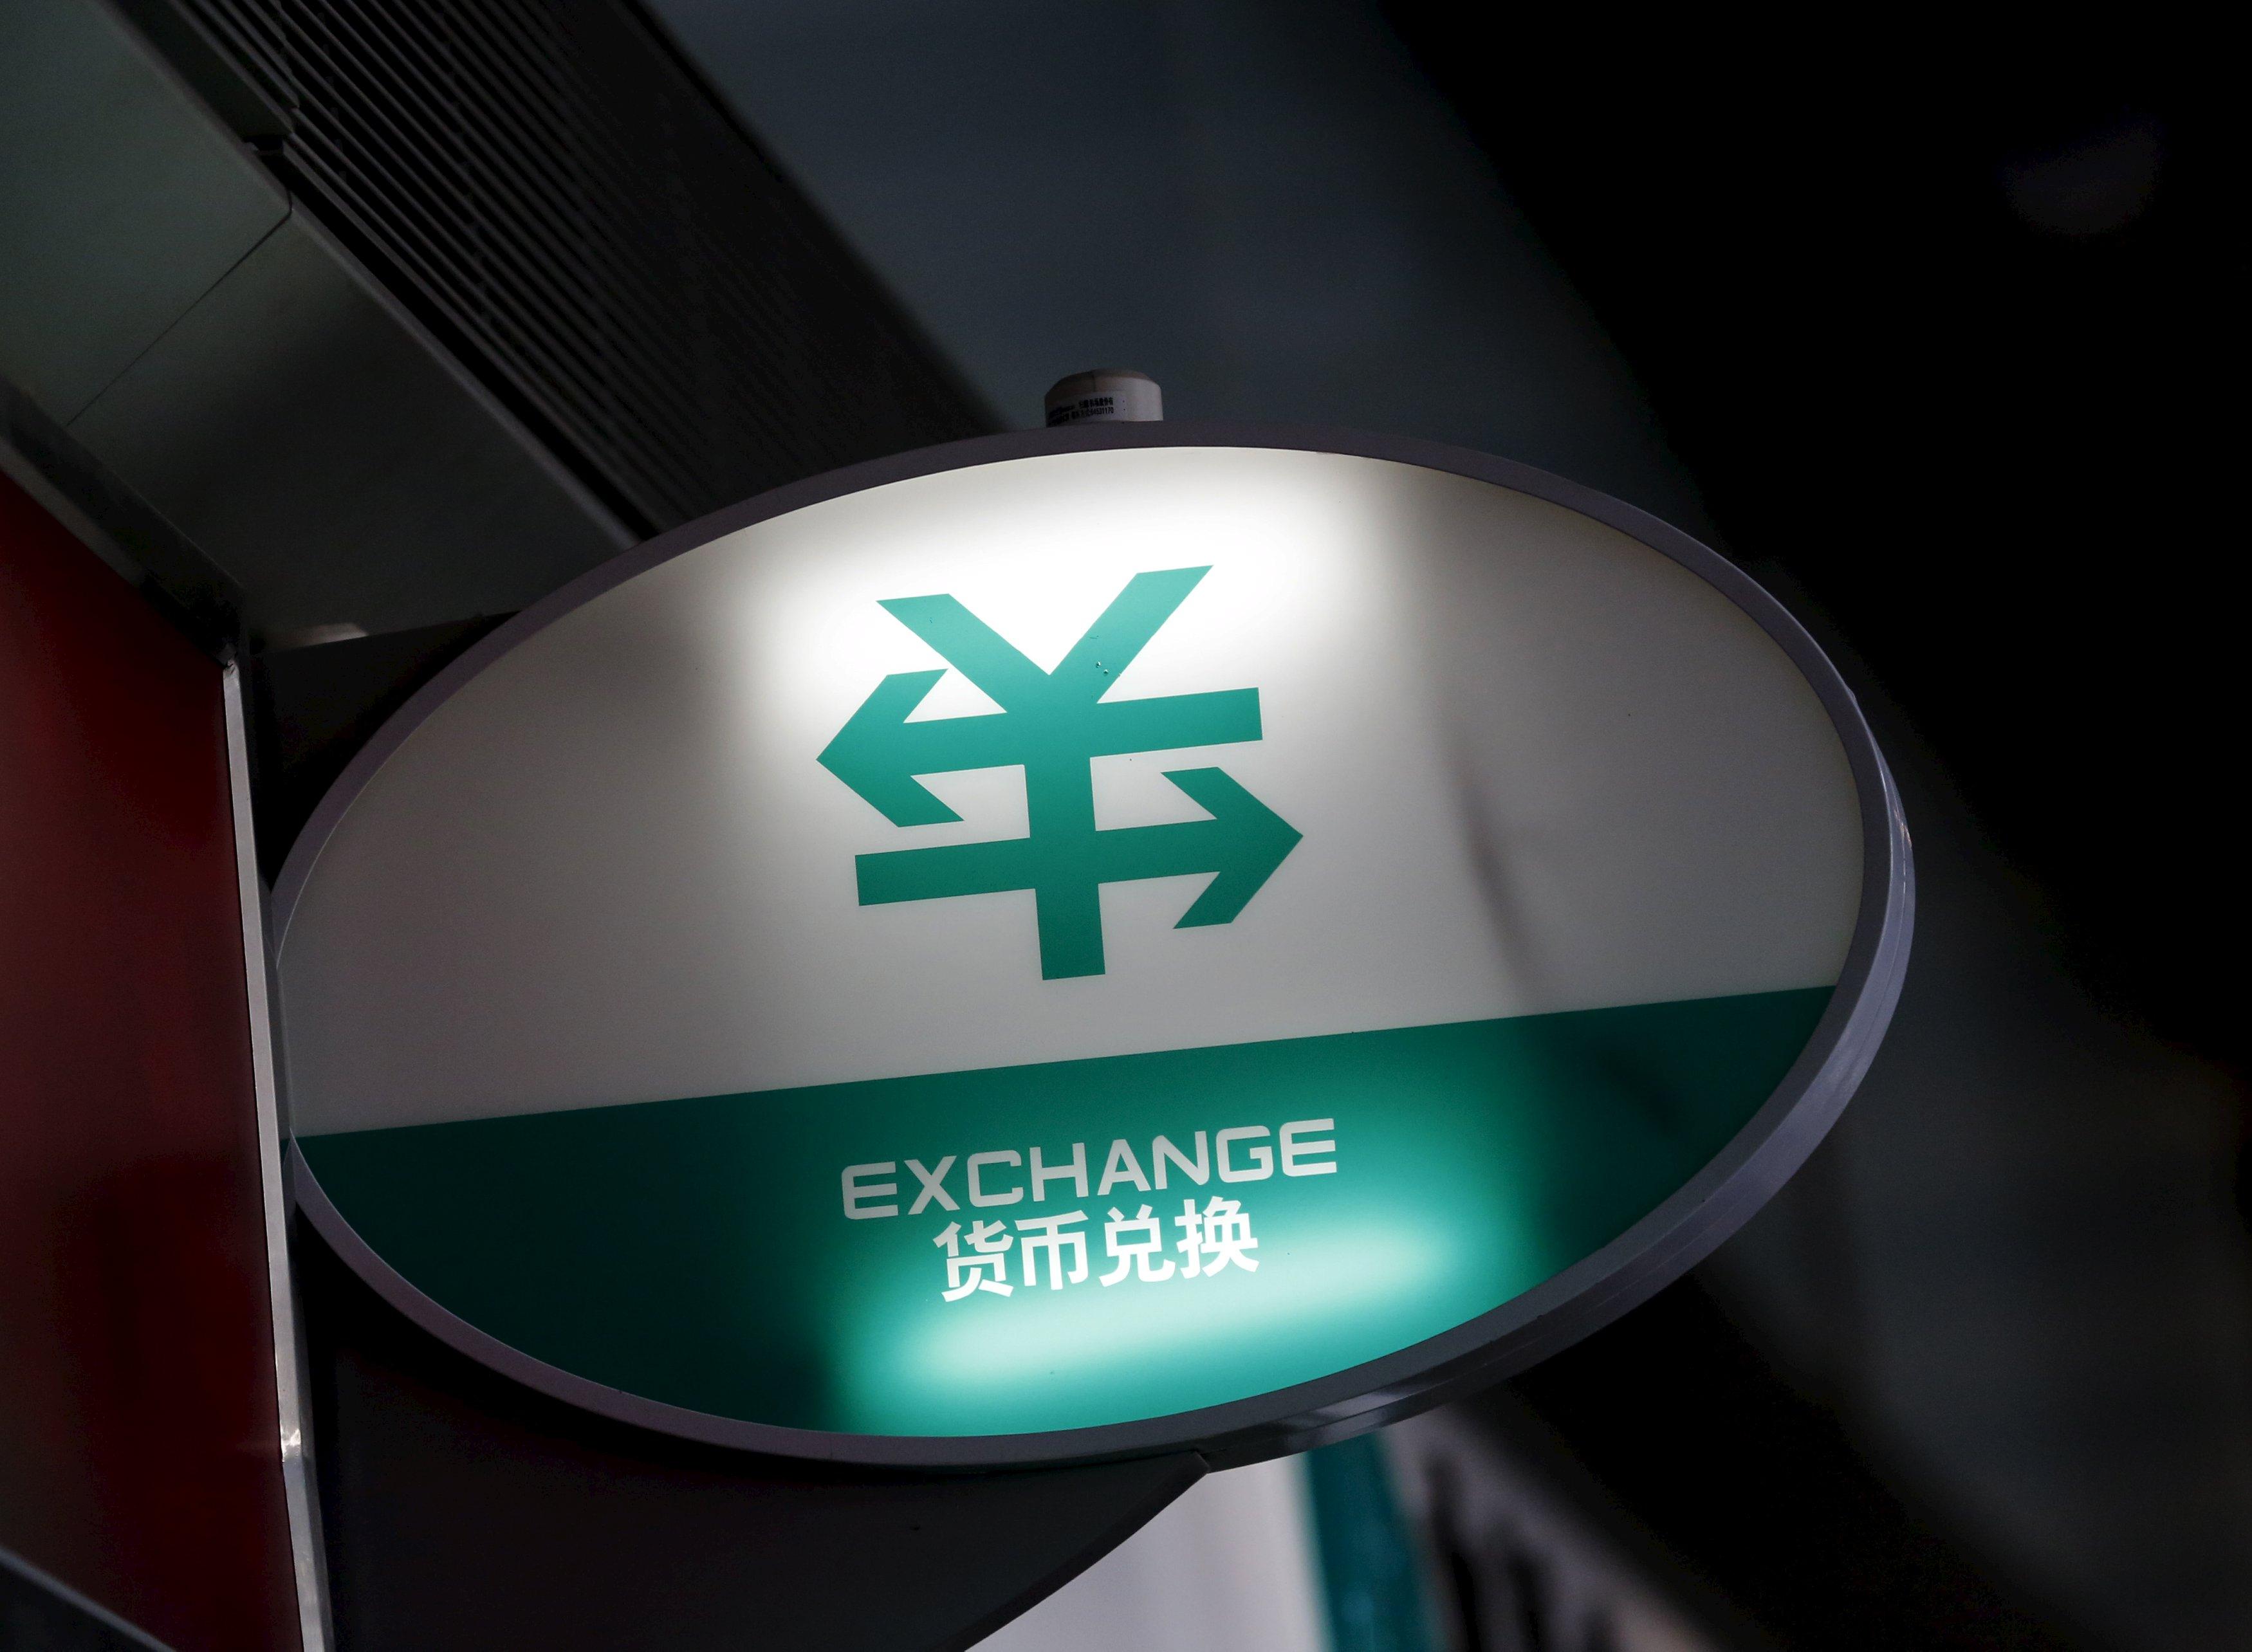 中國經濟恐慌,大批資金出逃走向強勢美元。 圖片來源:路透社